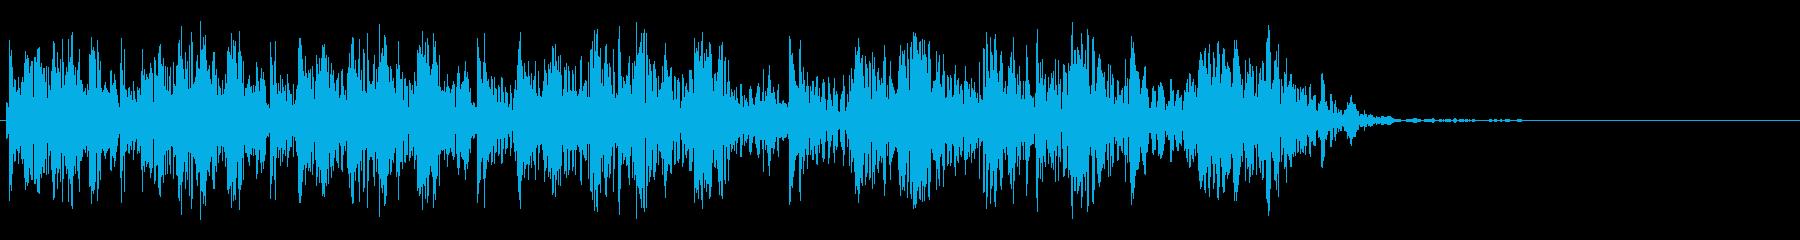 ビッグスパッタ2の再生済みの波形